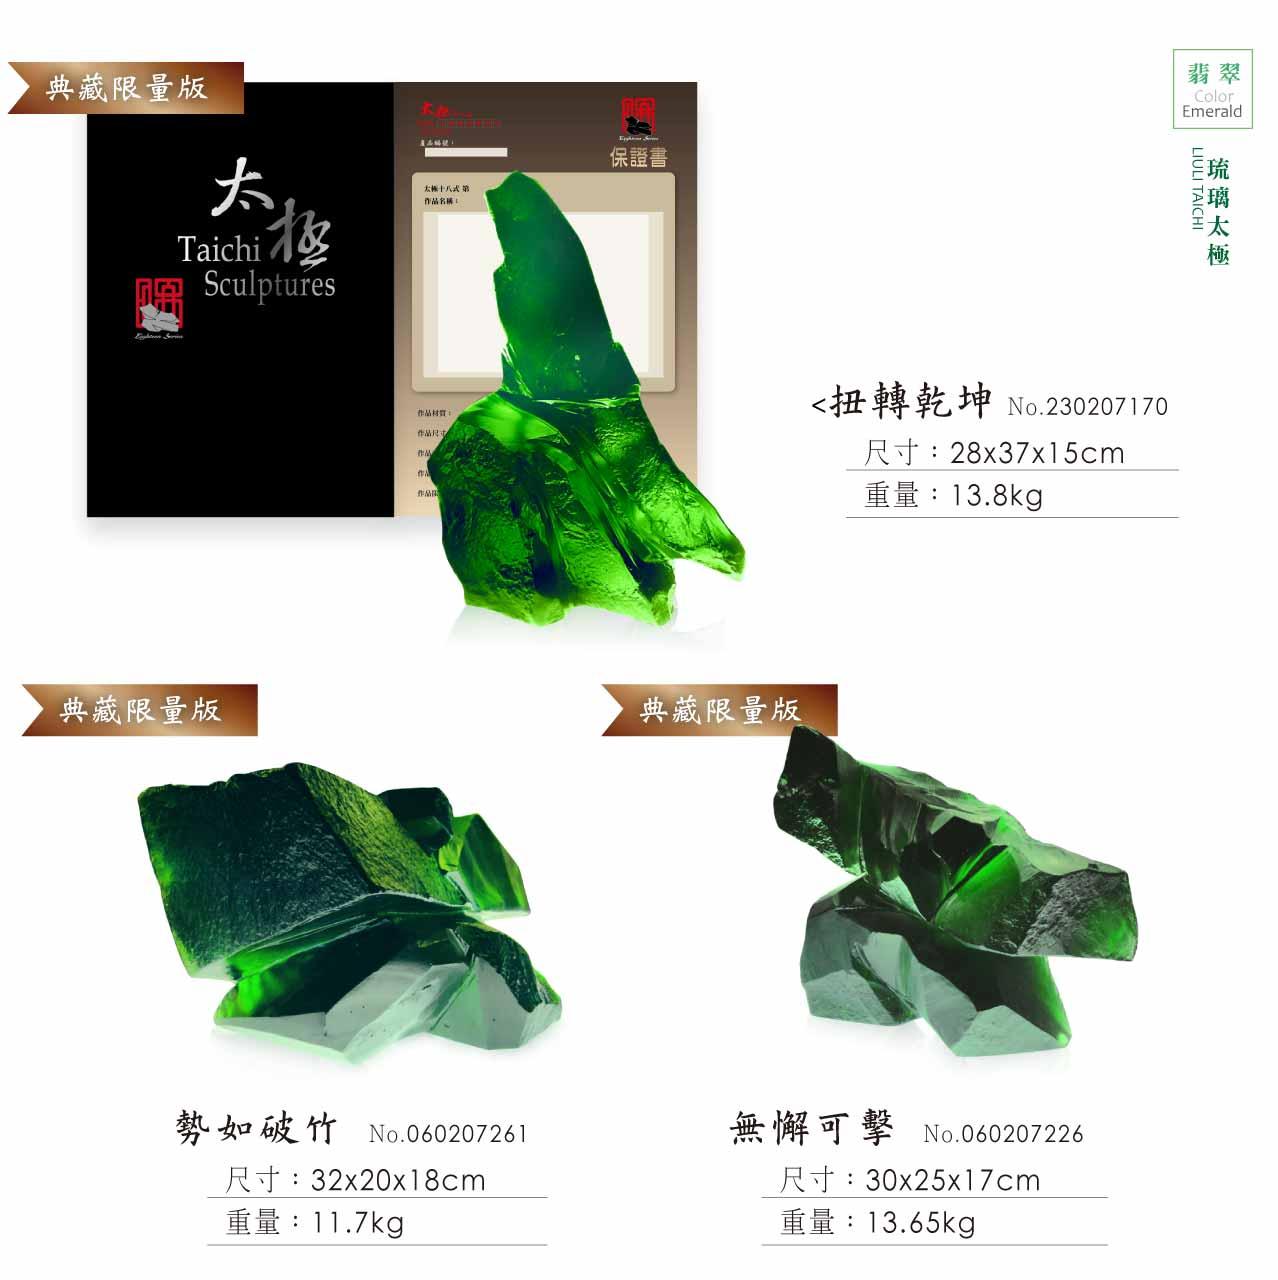 琉璃大太極翡翠-05